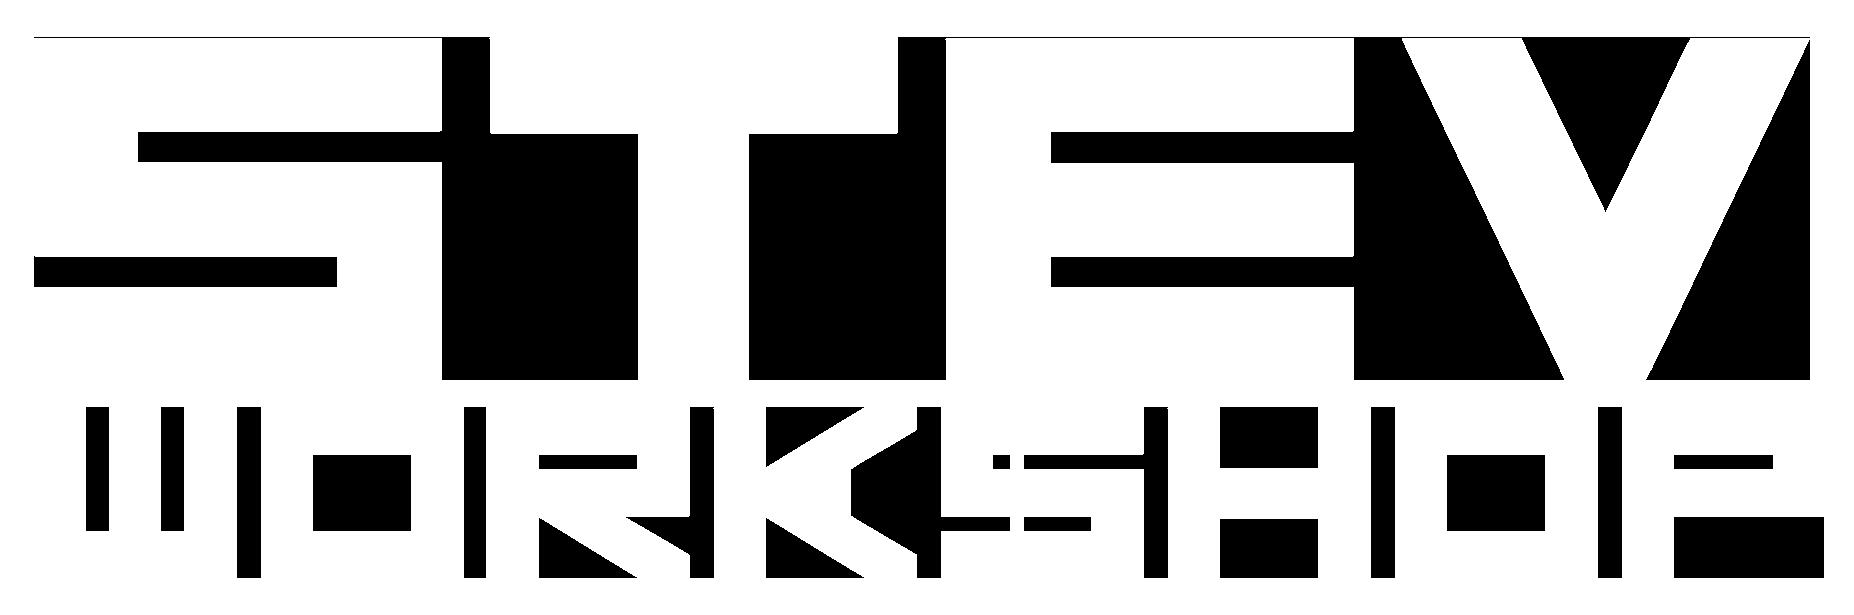 Stevworkshop